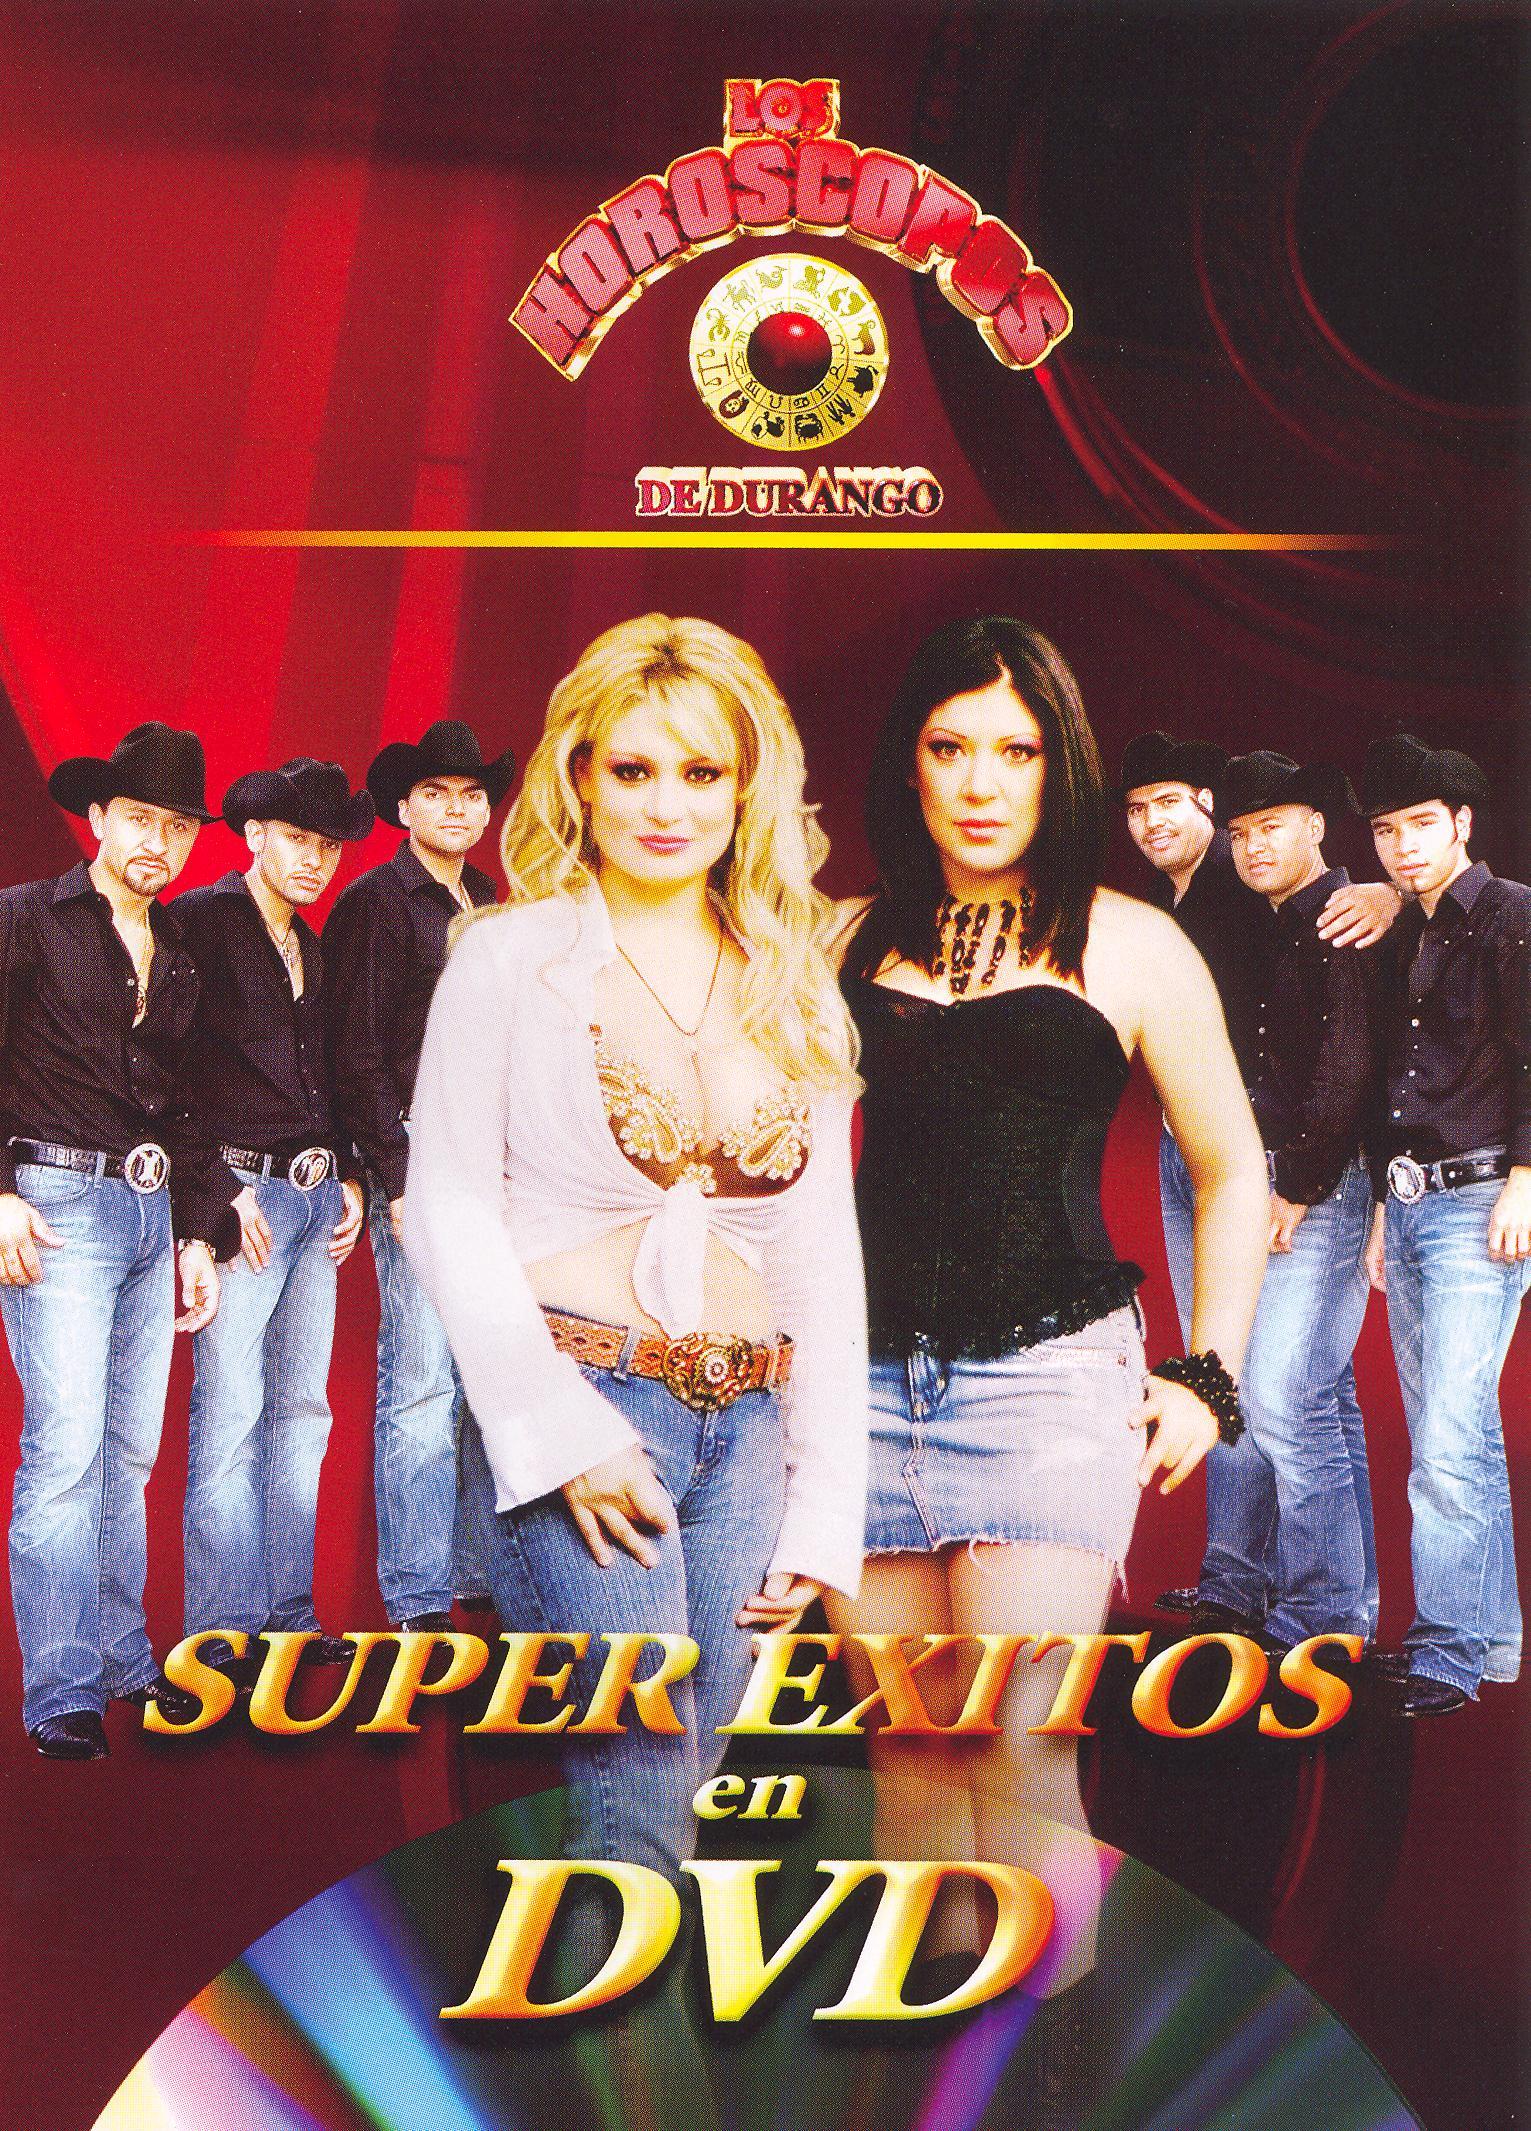 Los Horoscopos de Durango: Super Exitos en DVD